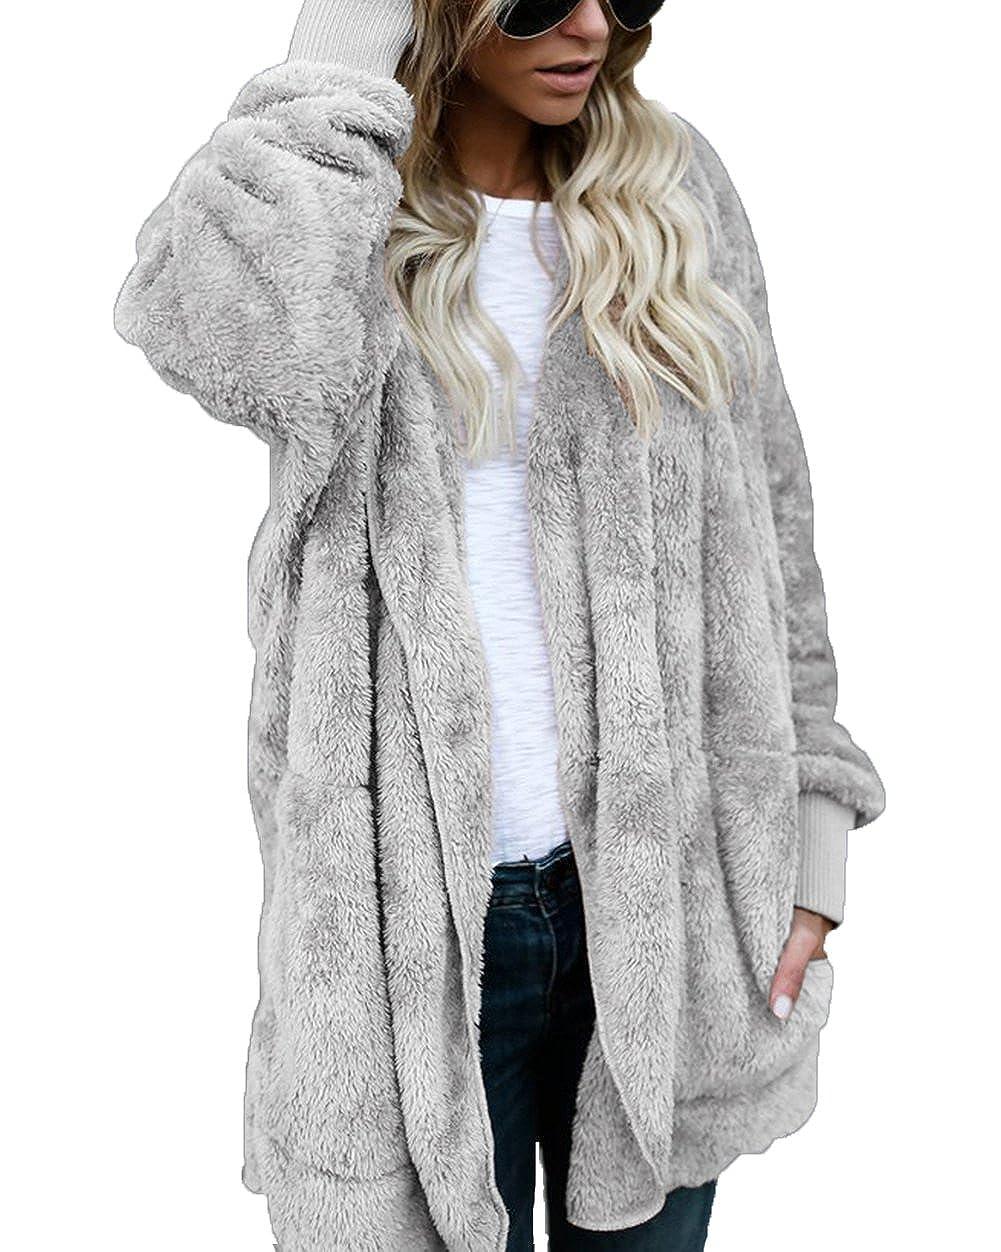 ThusFar Women Fuzzy Fleece Jacket Open Front Hooded Cardigan Coat Outwear Pockets